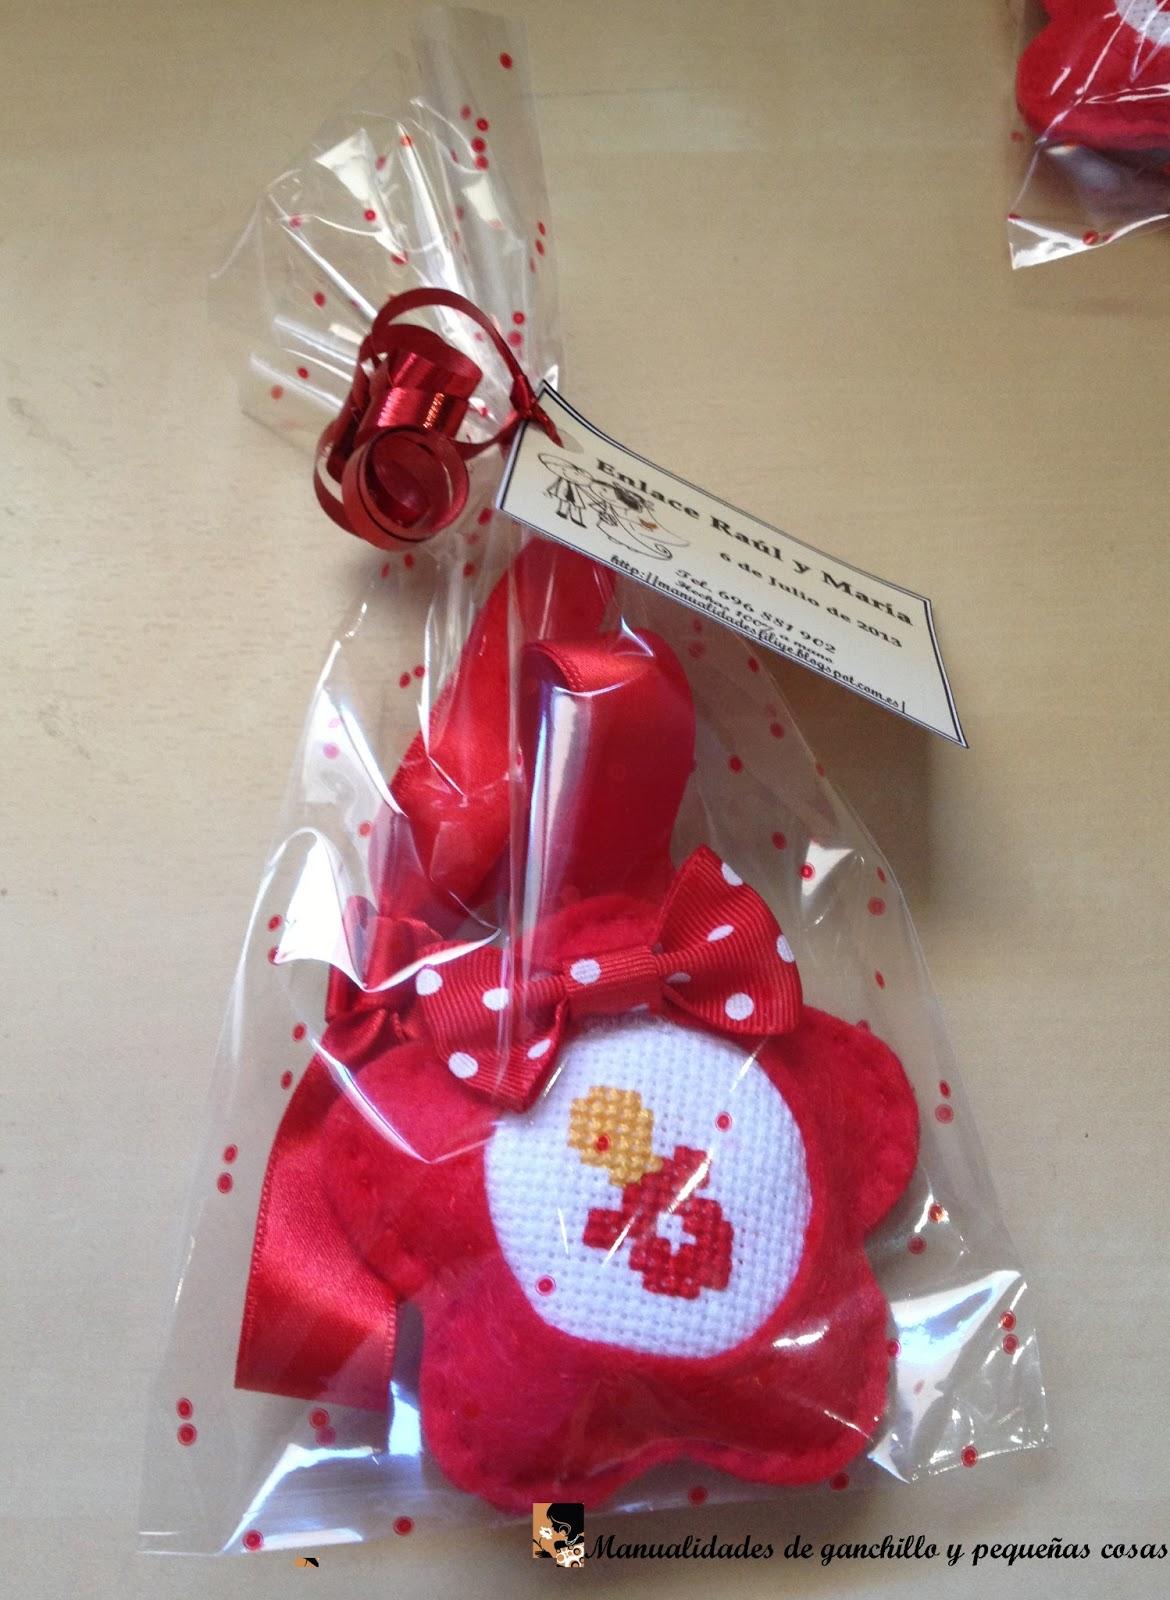 Manualidades de ganchillo y peque as cosas detalles de - Detalles de ganchillo para regalar ...